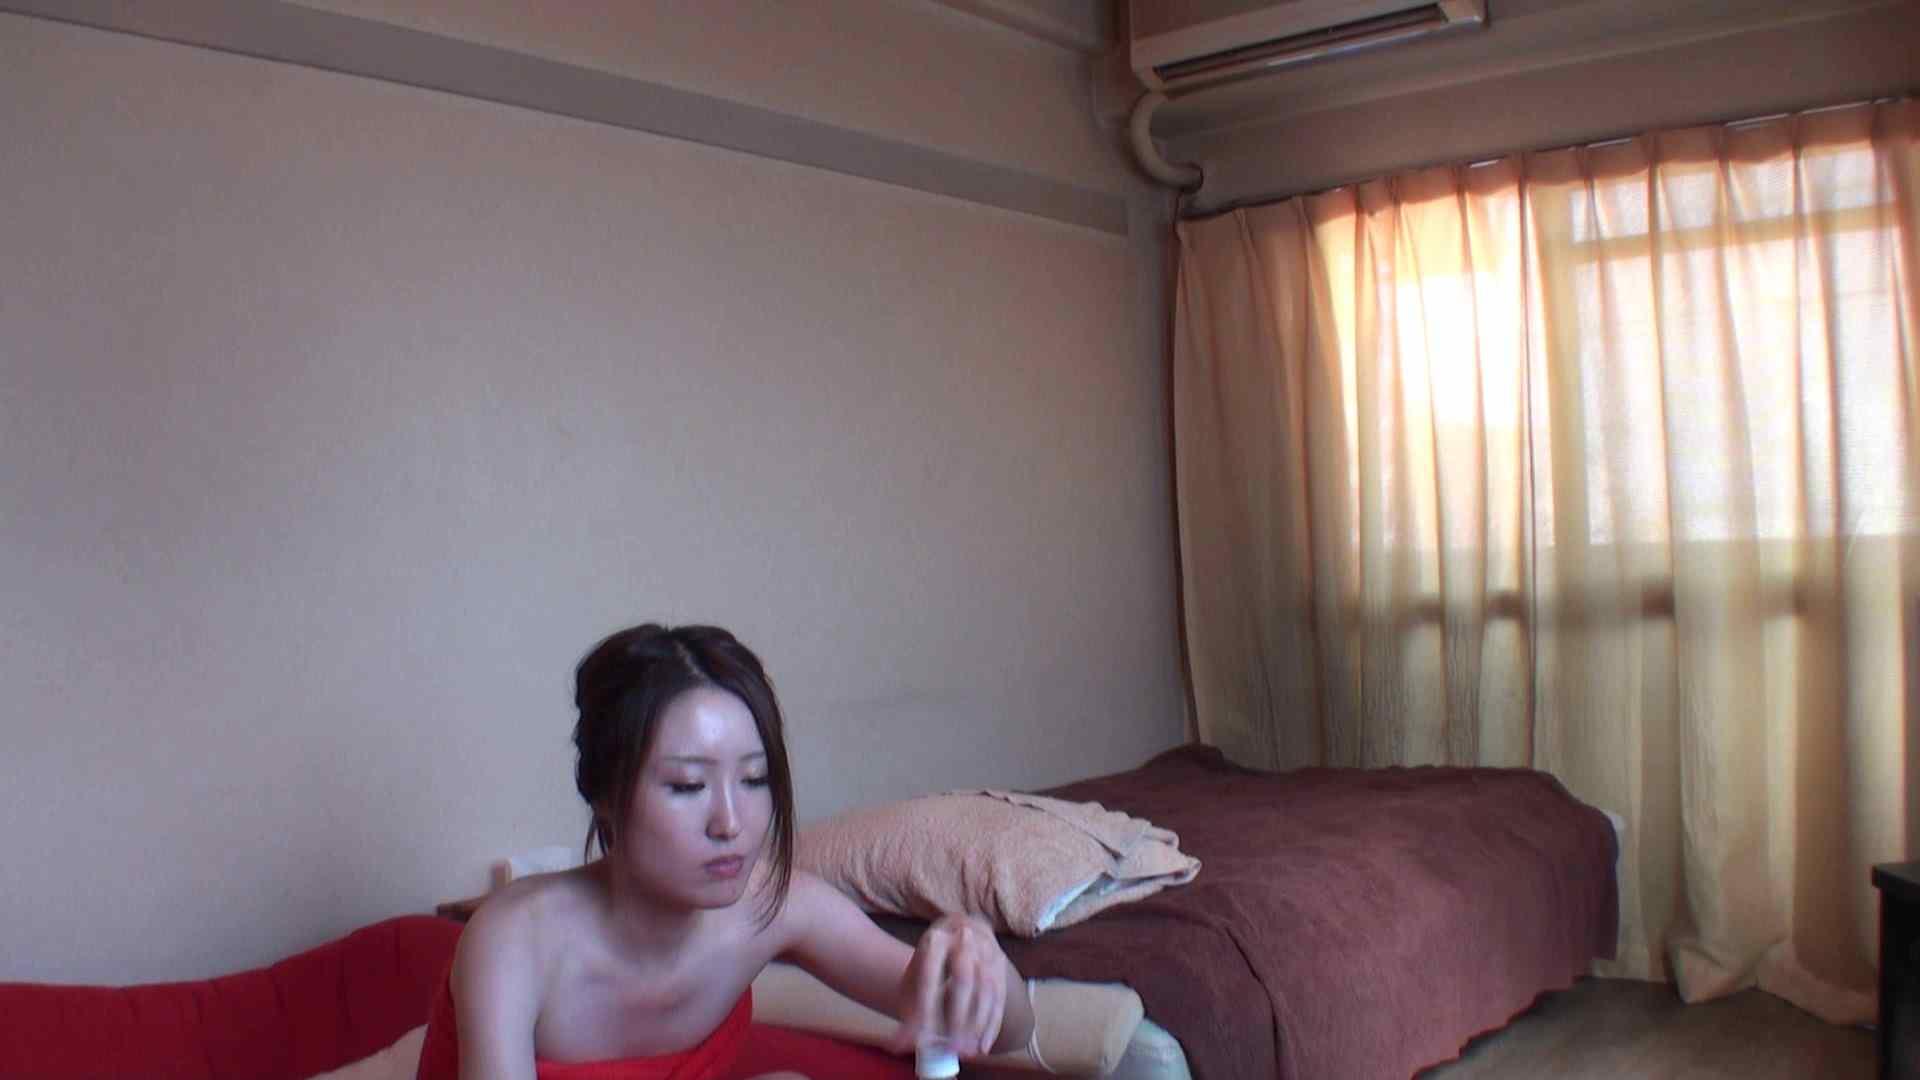 隠撮店の女の子をつまみ喰い~yukivol.4 隠撮 | OL裸体  107画像 75